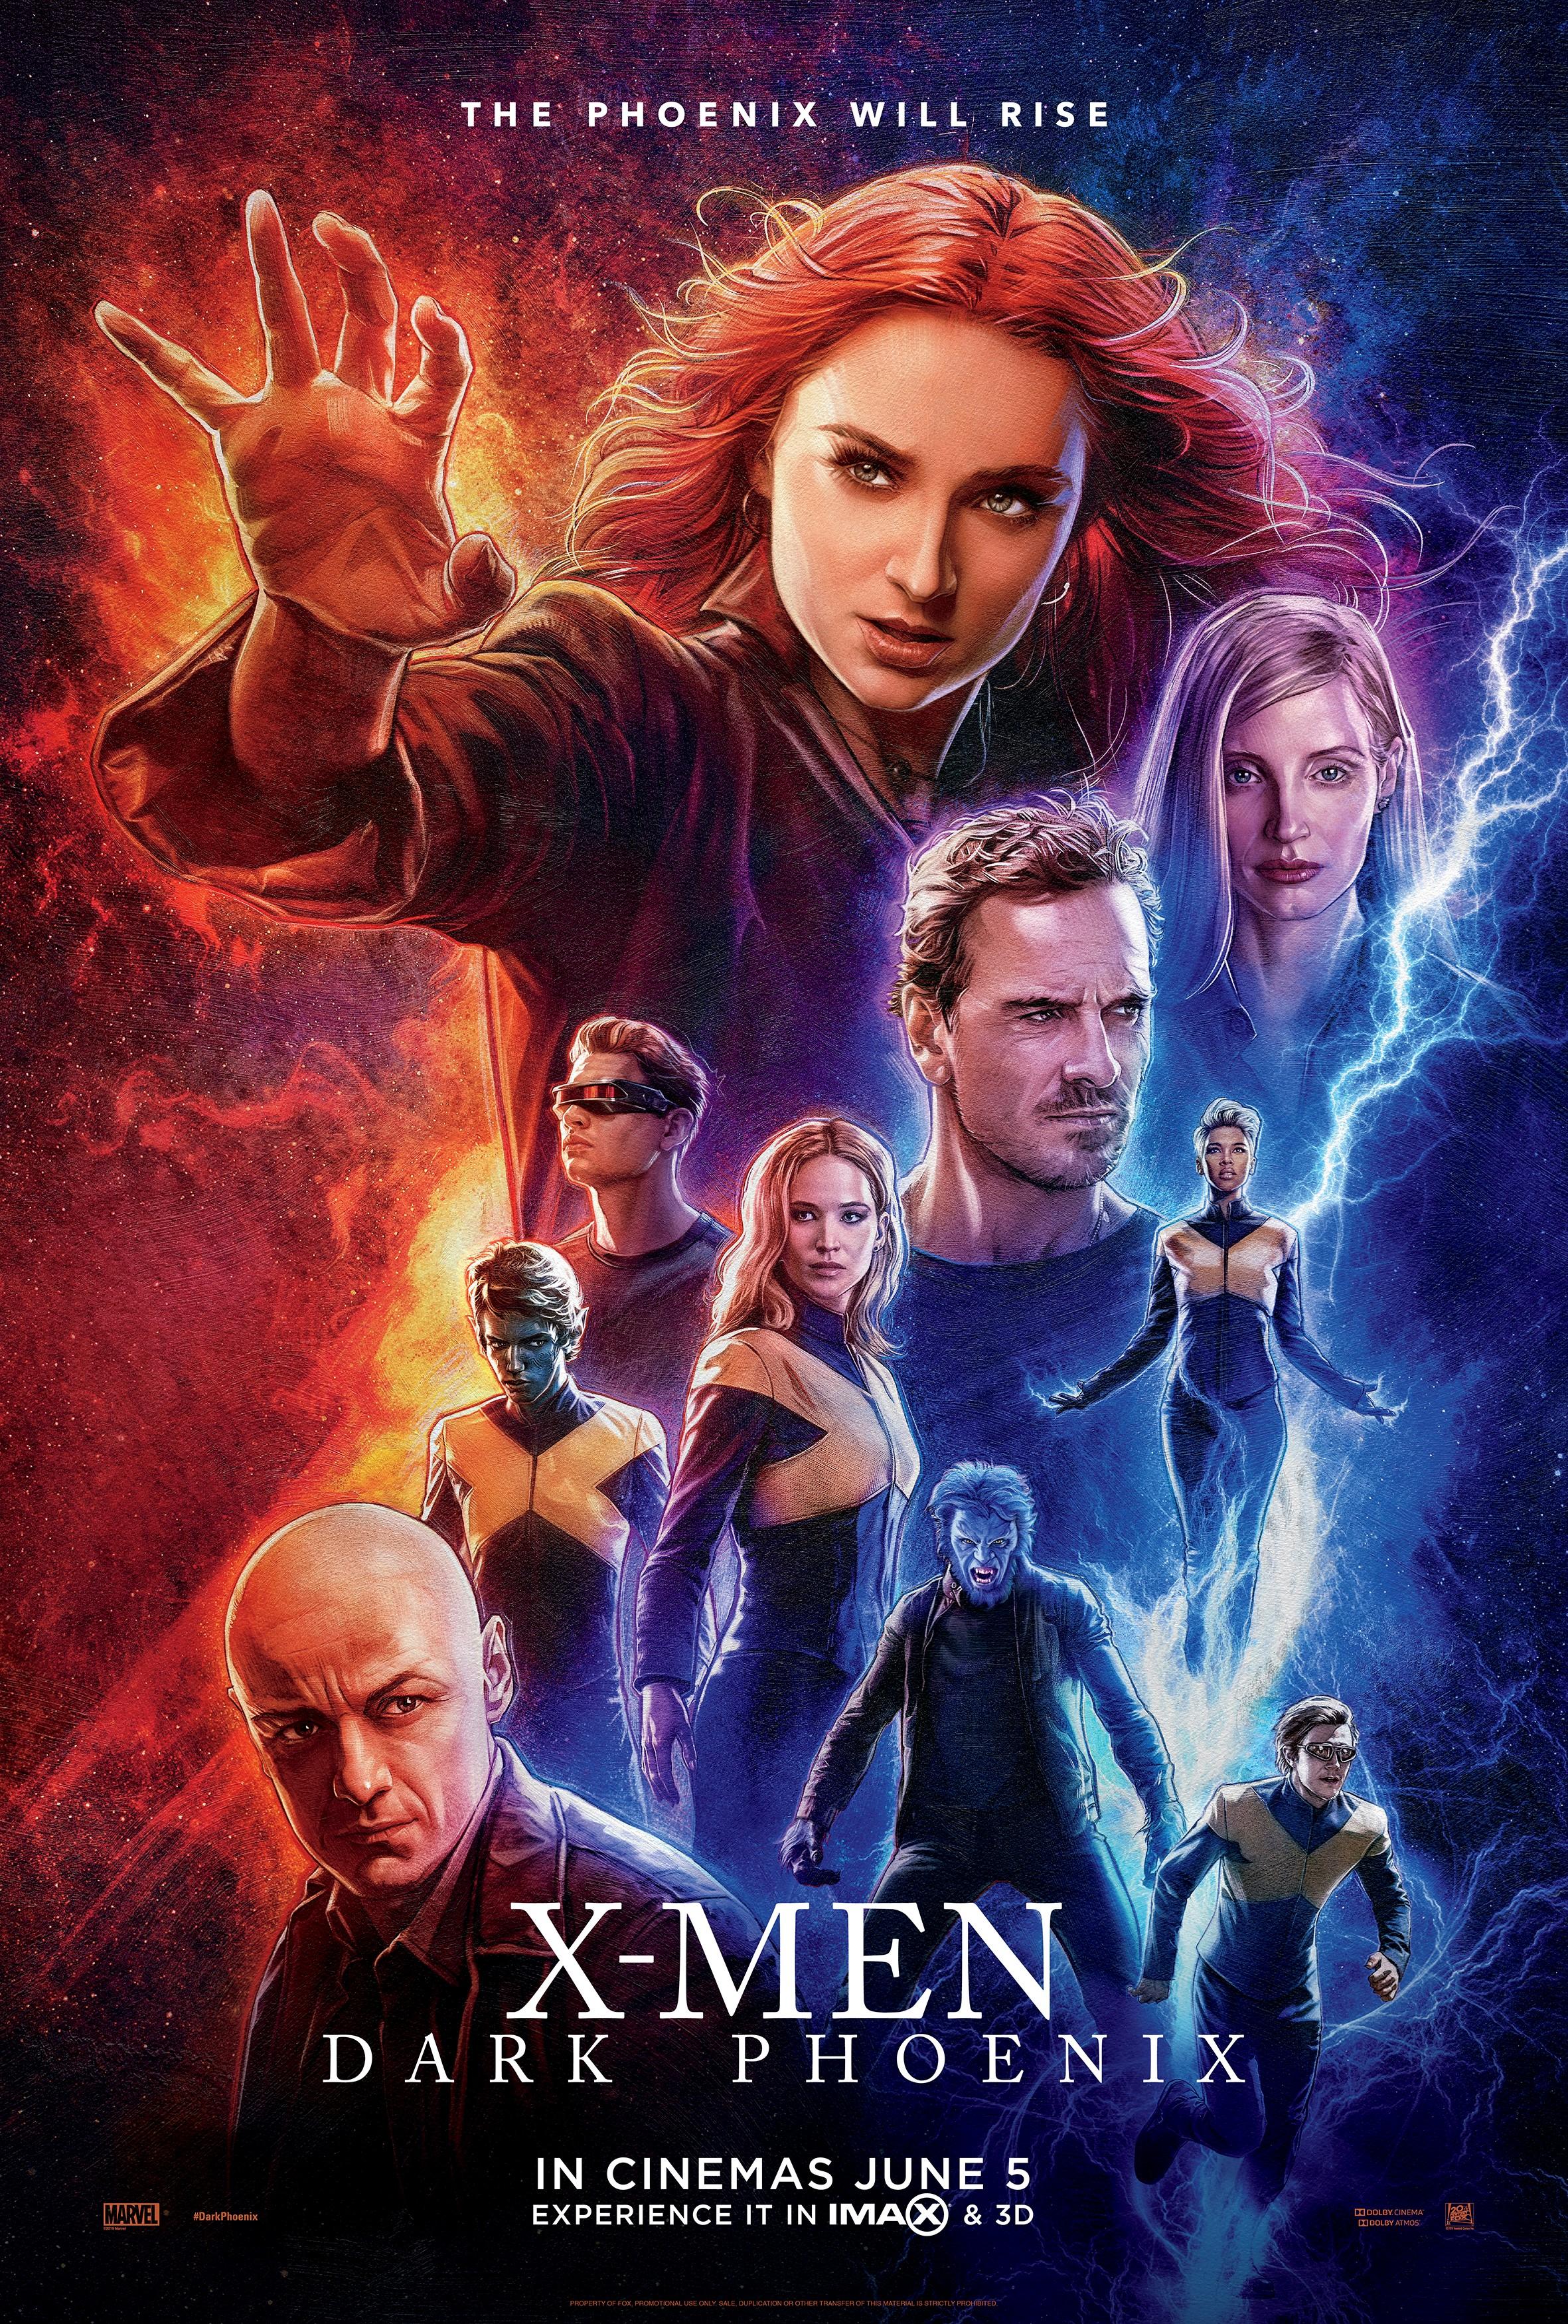 X-MEN: DARK PHOENIX - IN CINEMAS NOW